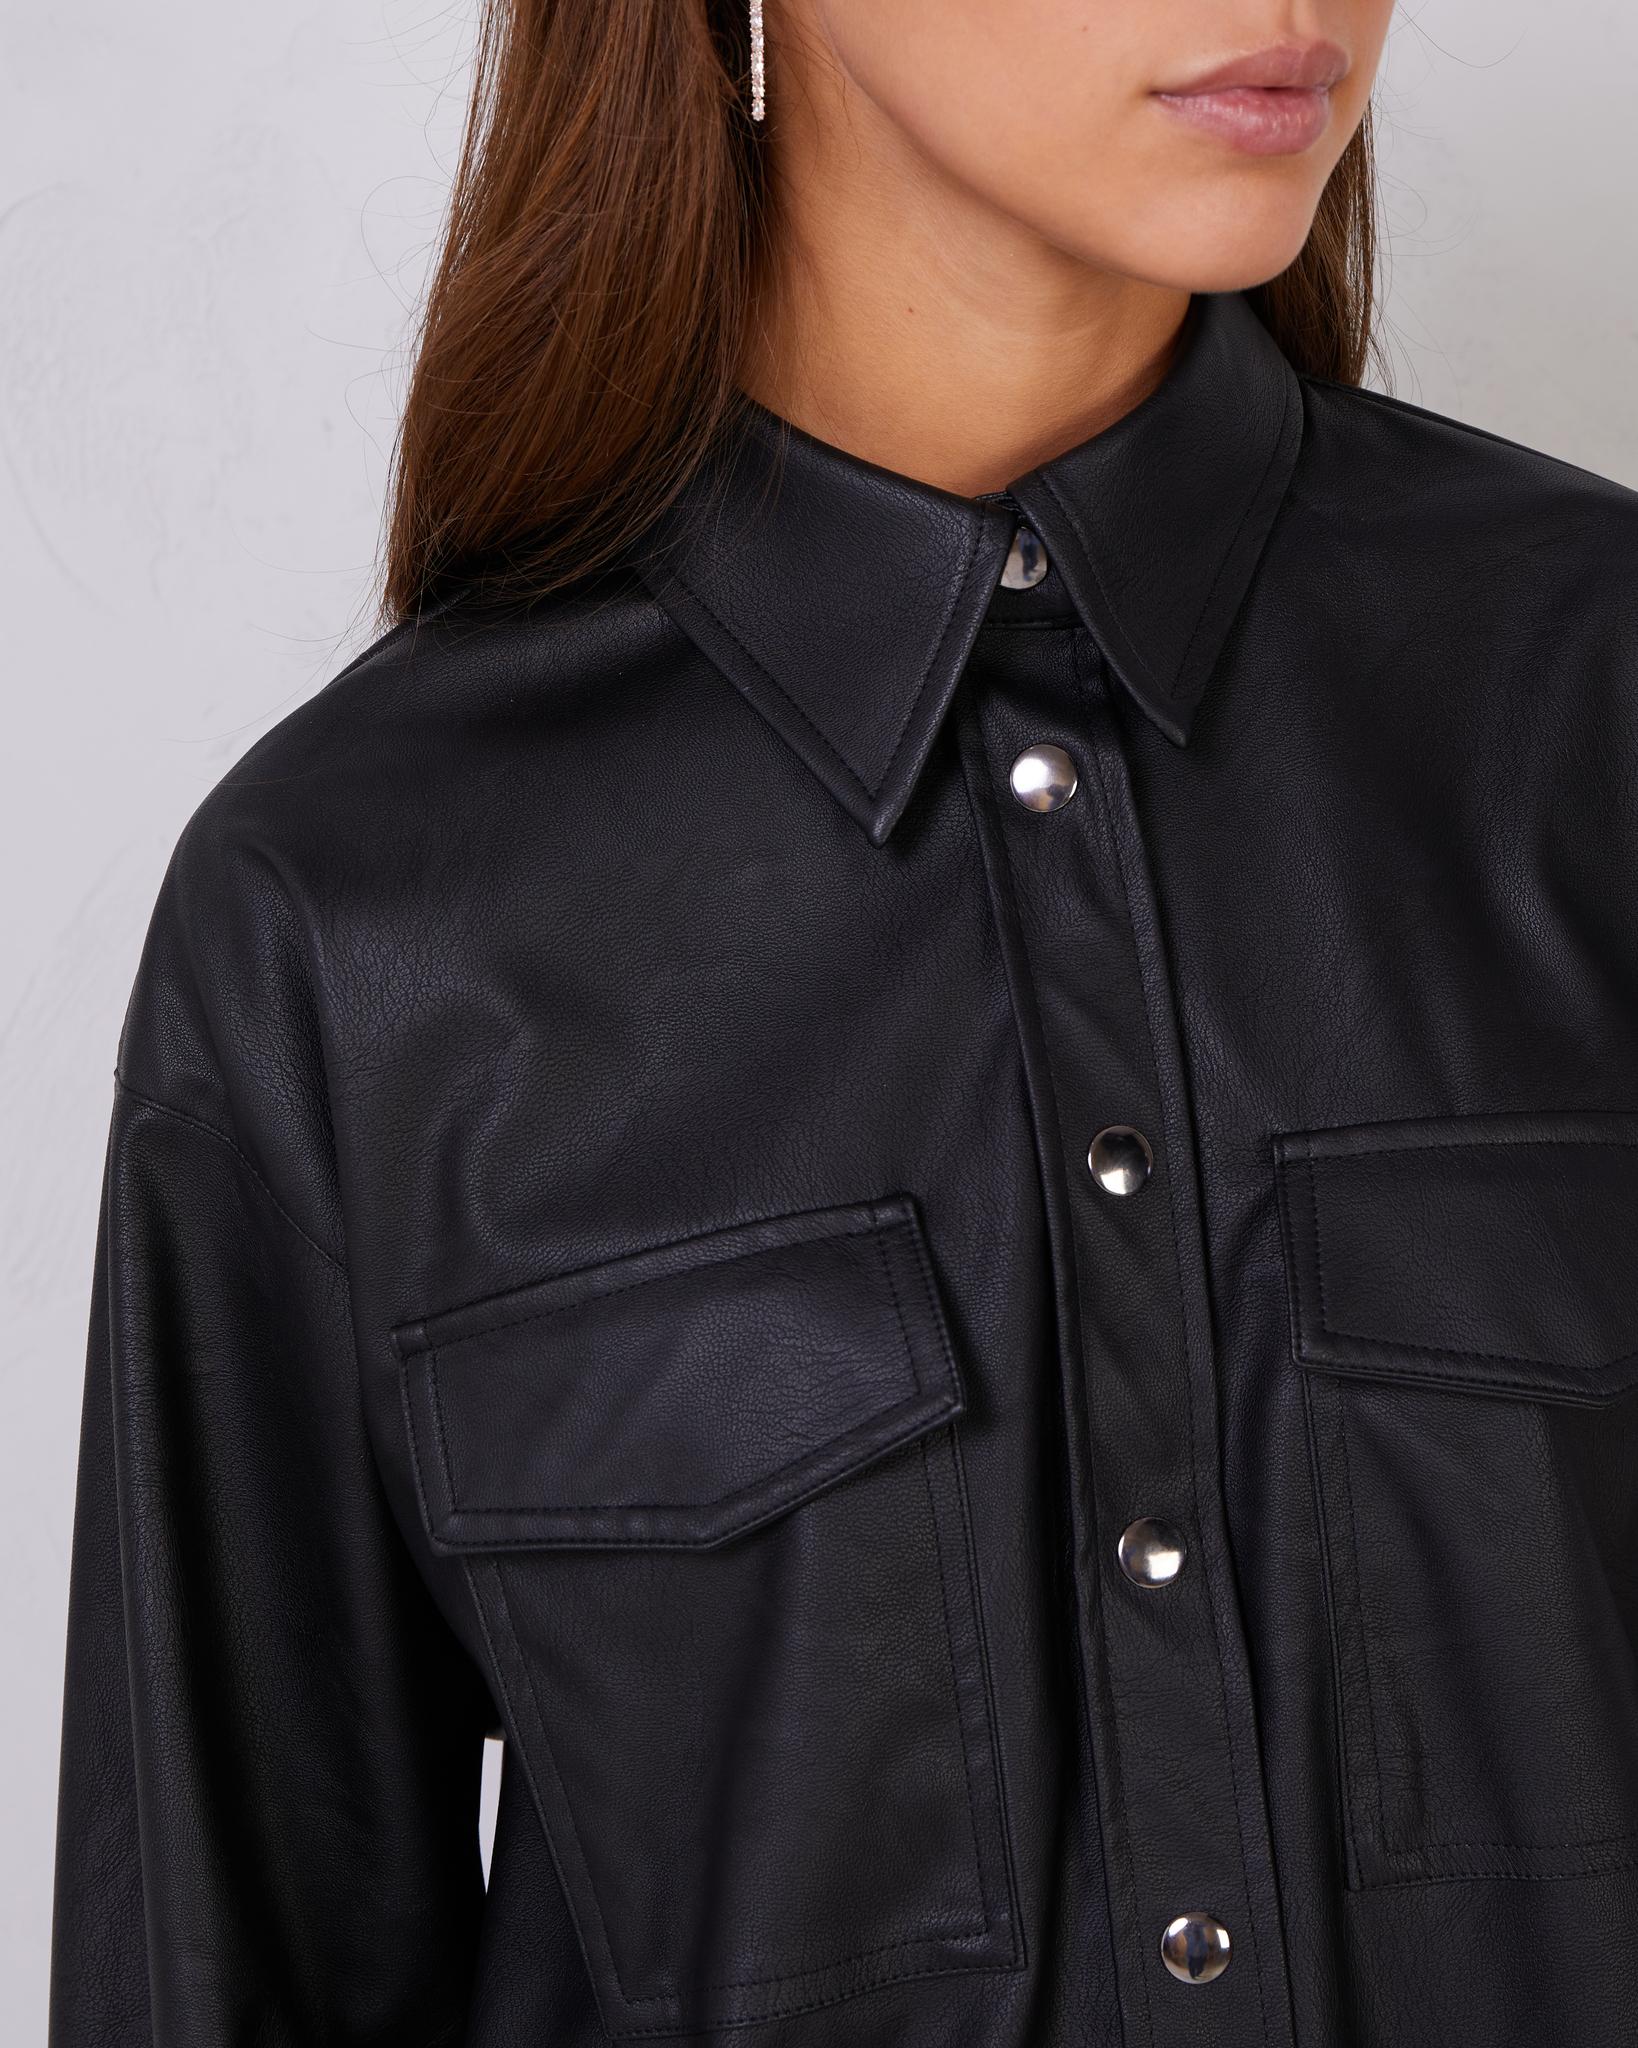 Рубашка из кожи с карманами (one size)  (черный)